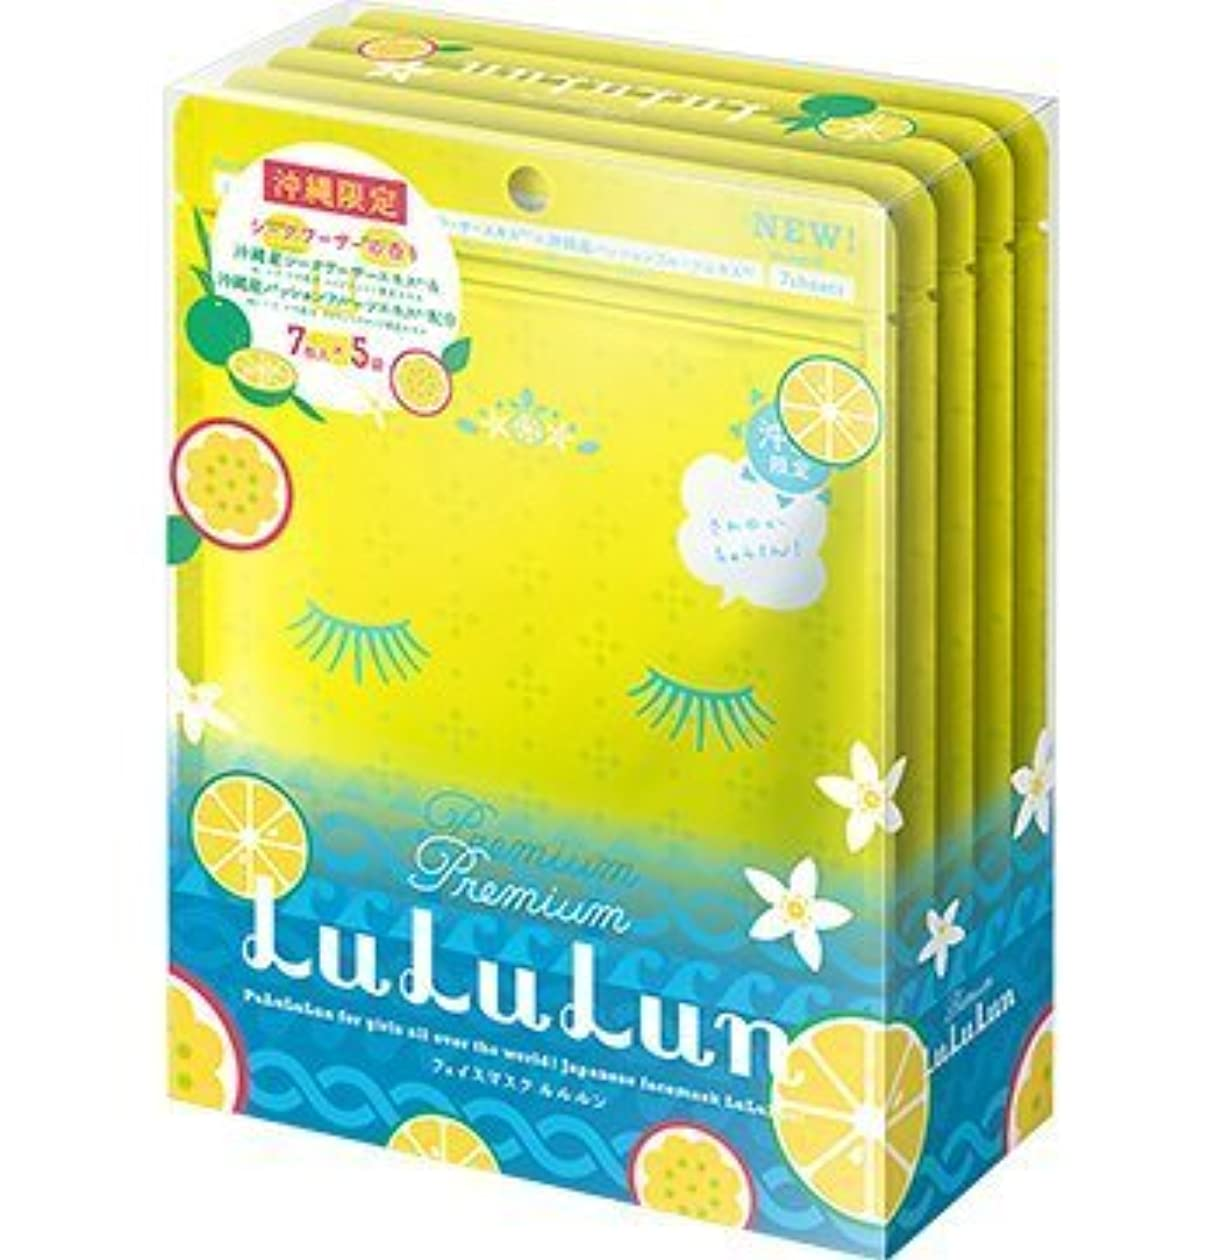 公平作物弾薬沖縄限定 沖縄プレミアム ルルルン LuLuLun フェイスマスク シークワーサーの香り 7枚入り×5袋